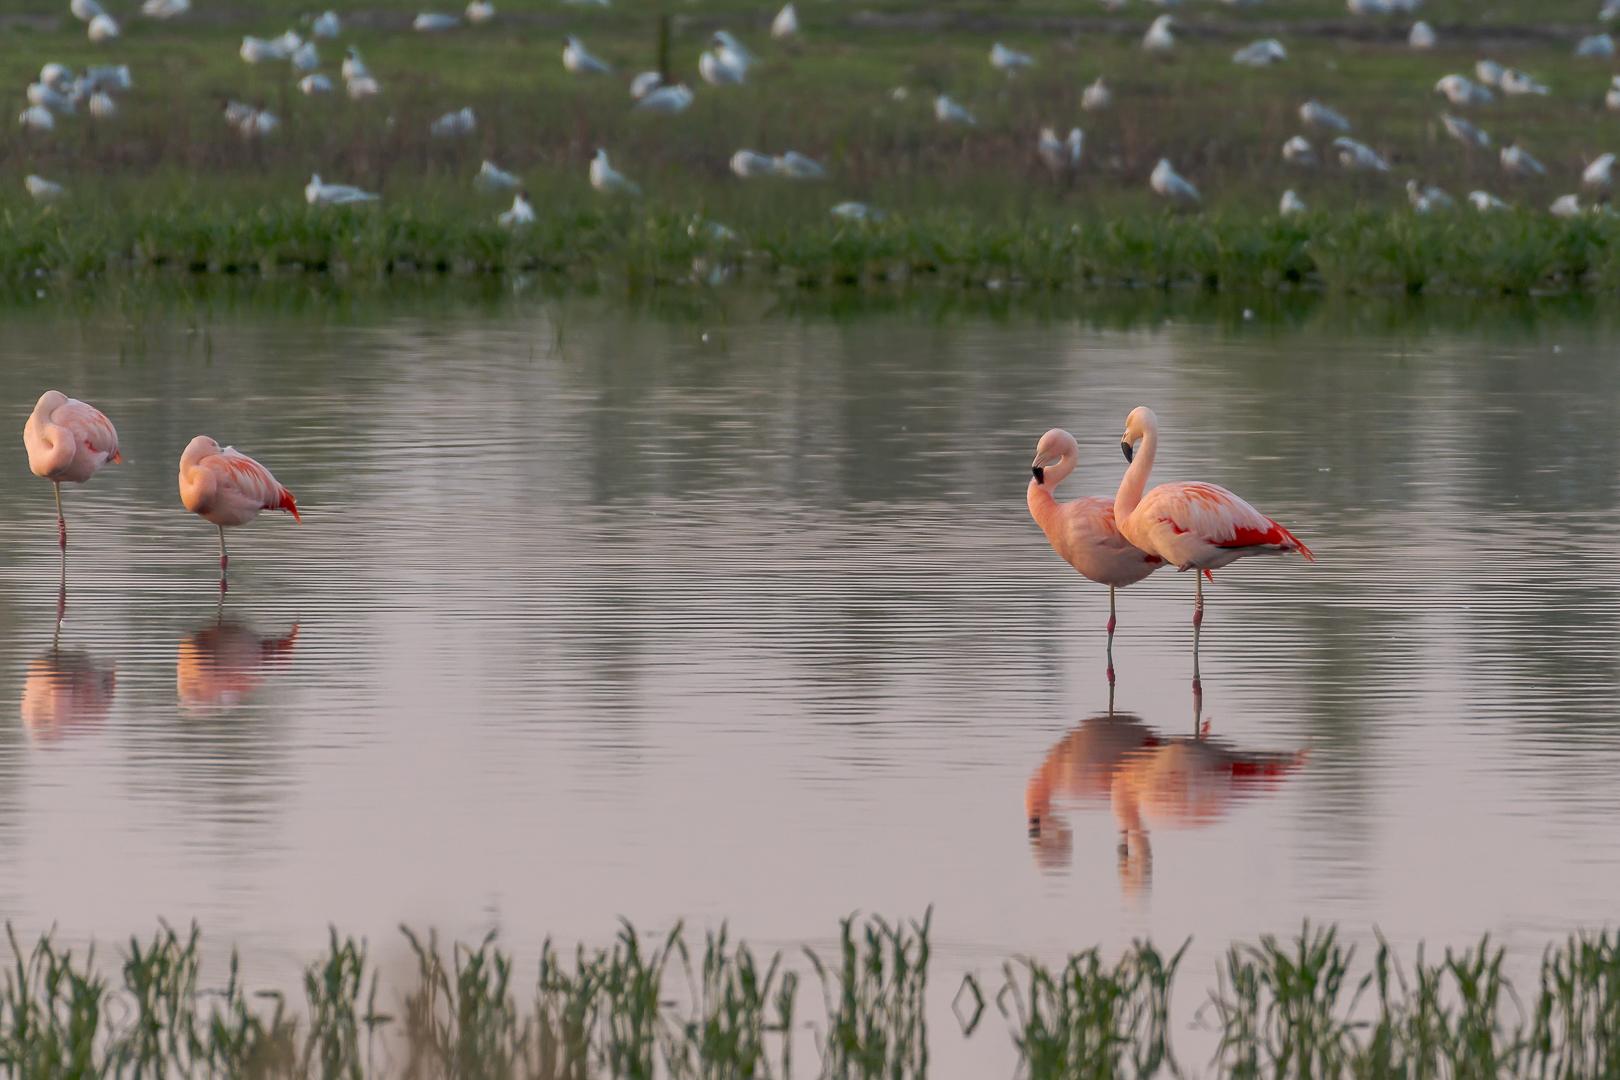 Flamingo-_INA0880-bewerkt